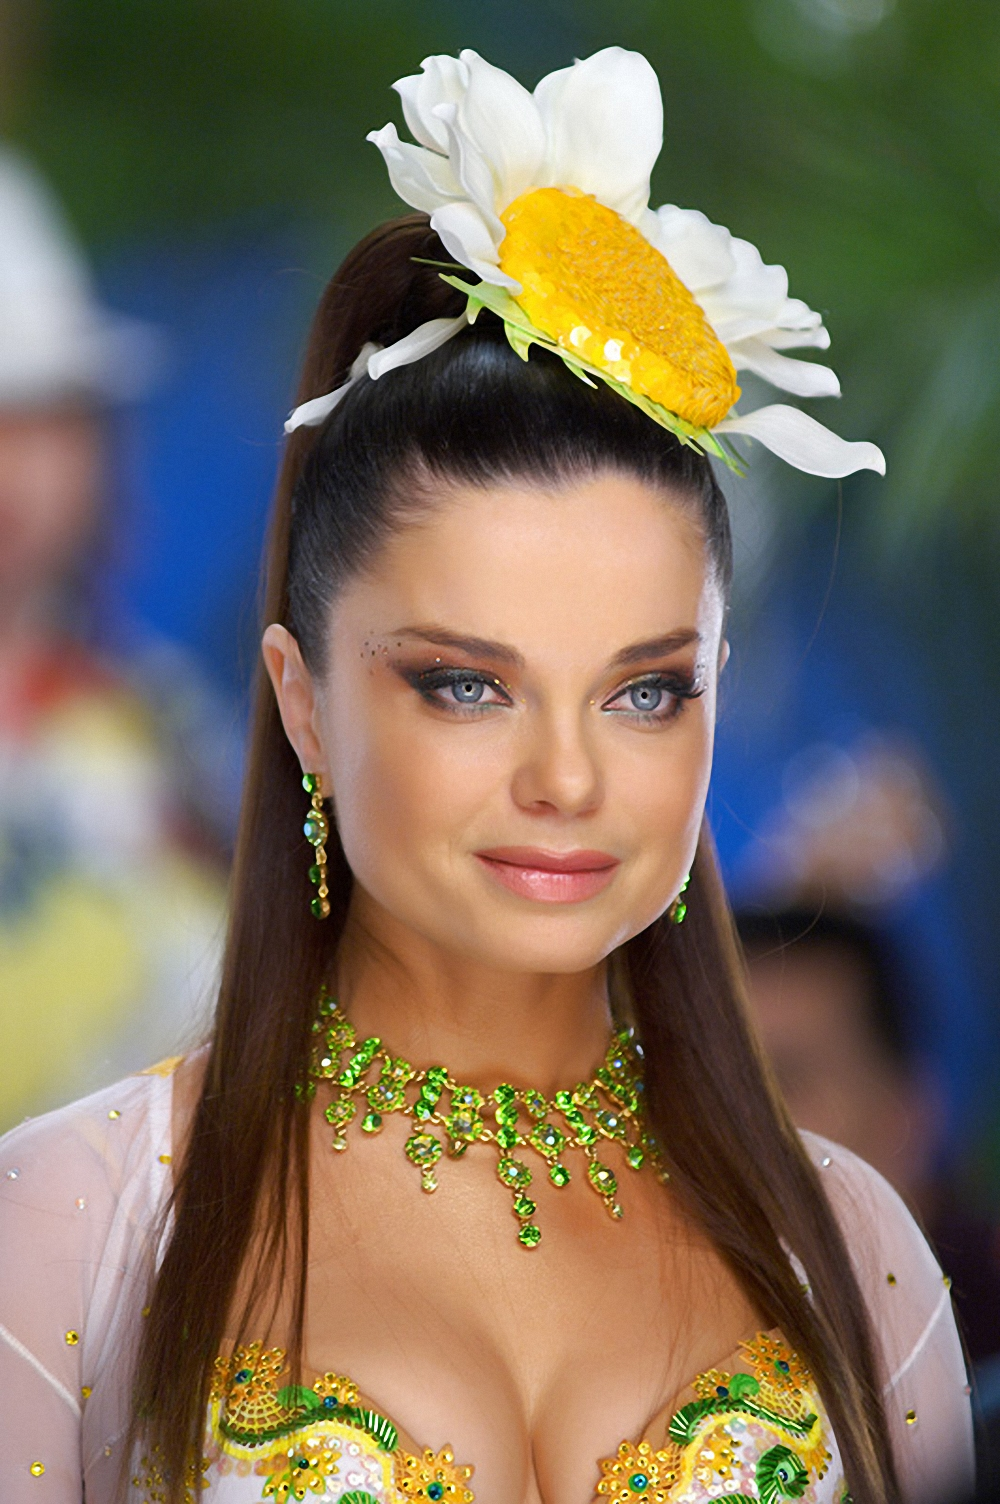 Наталья королева прически фото